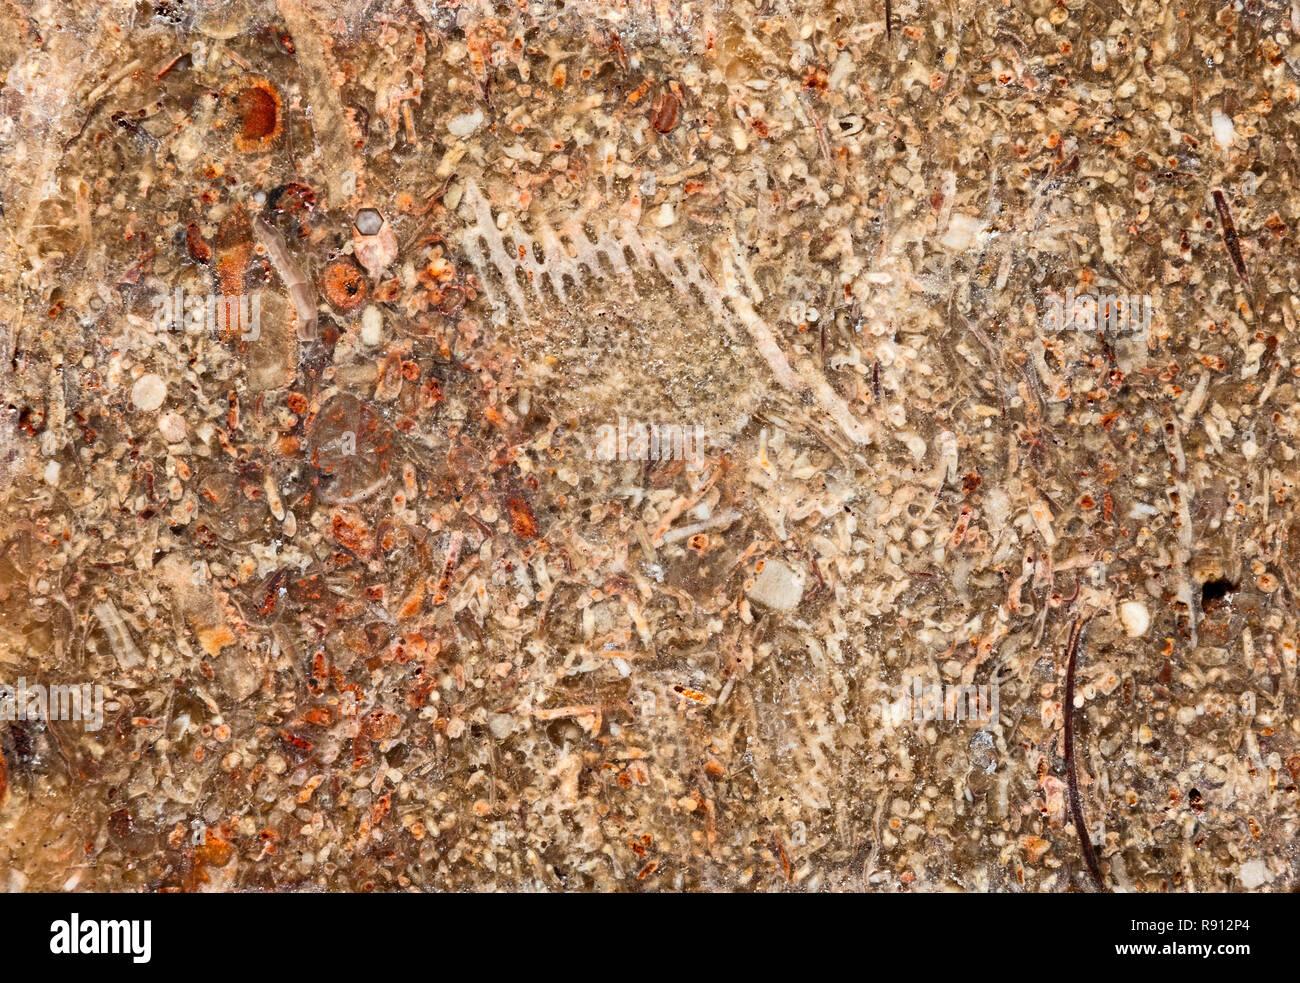 La section des combustibles fossiles, le calcaire.Les fossiles dans ces roches peuvent être de taille macroscopique ou microscopique. Banque D'Images